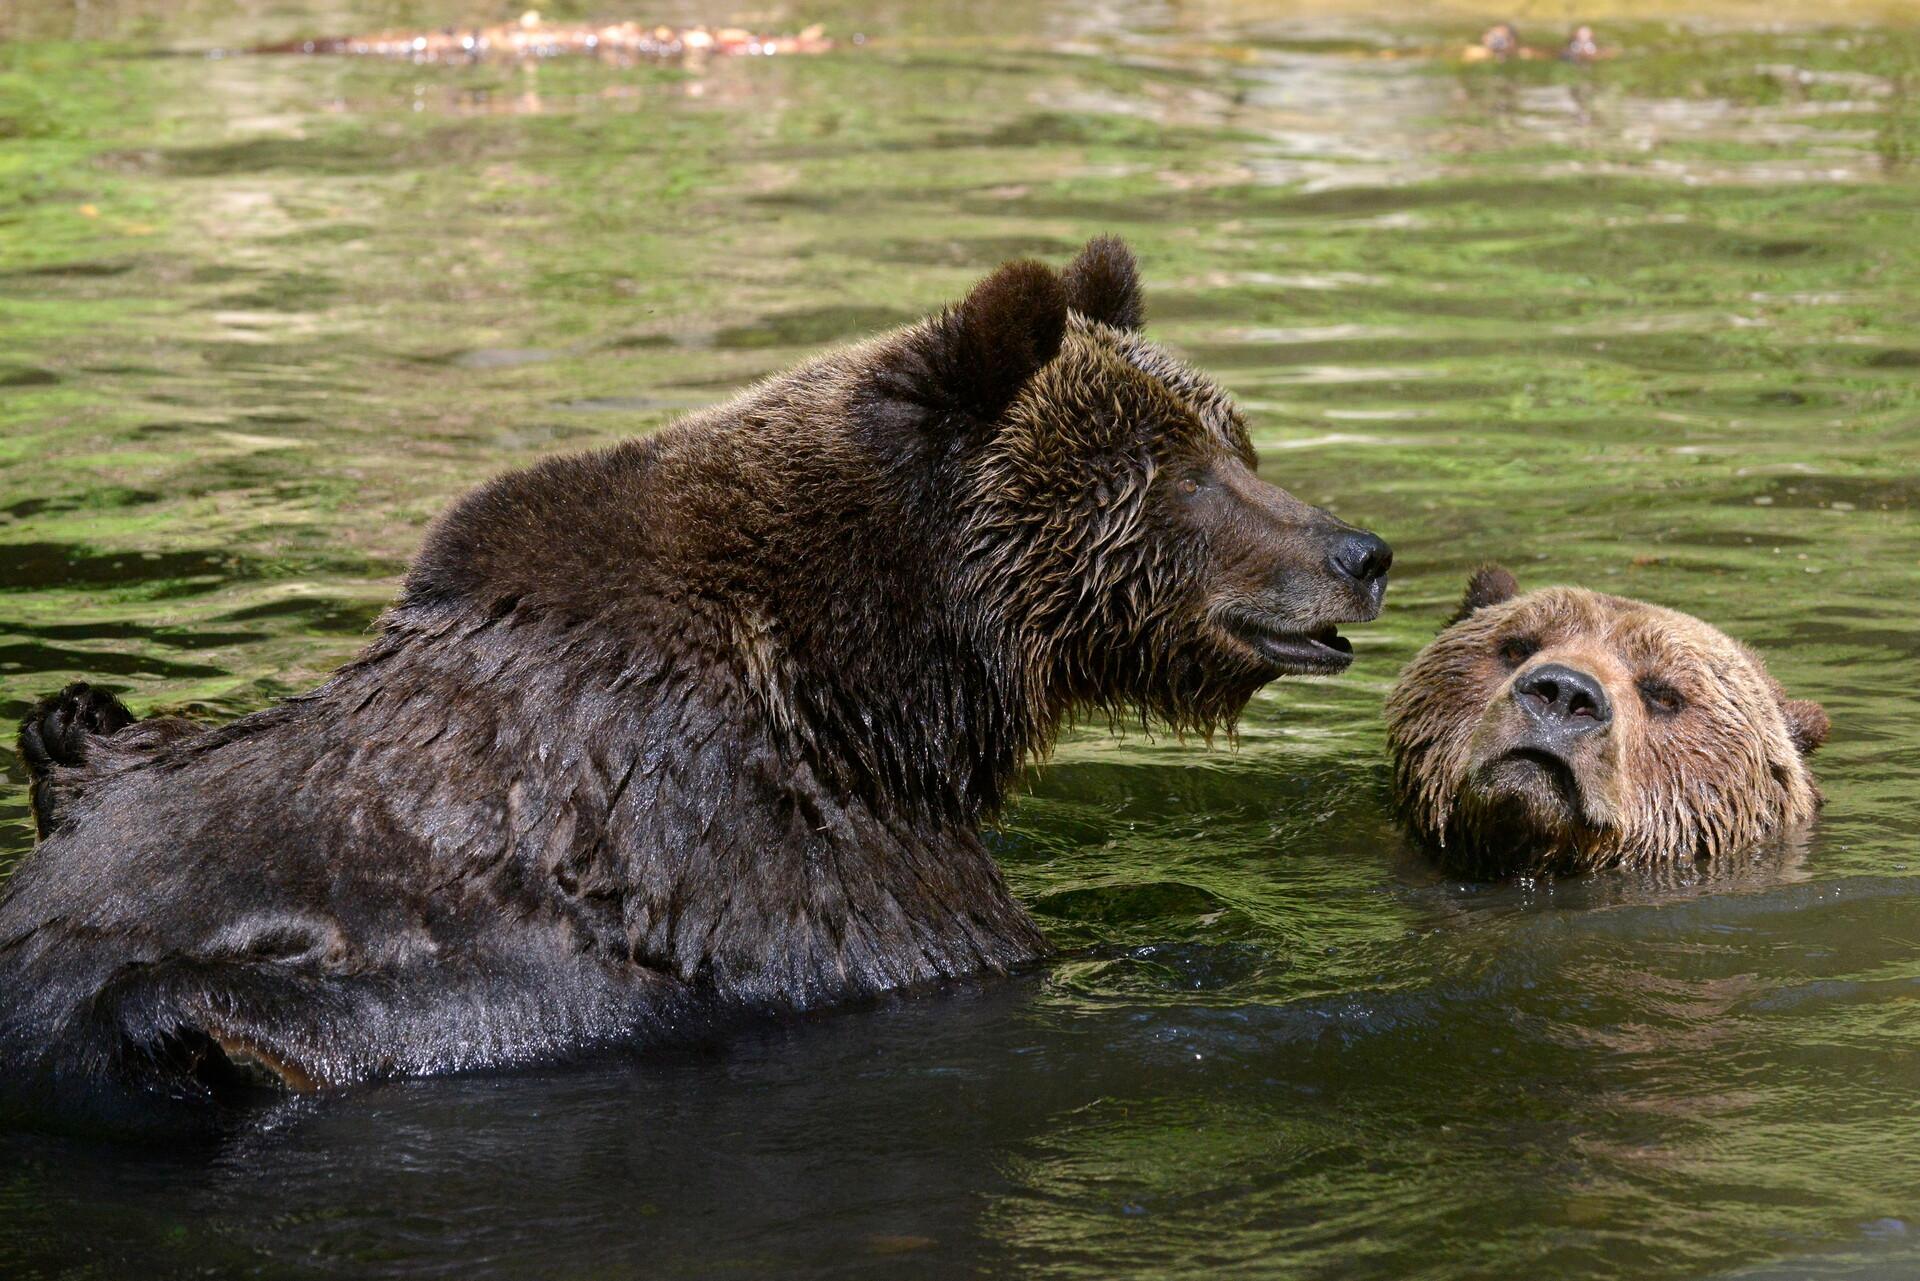 Bären spielen im Wasser